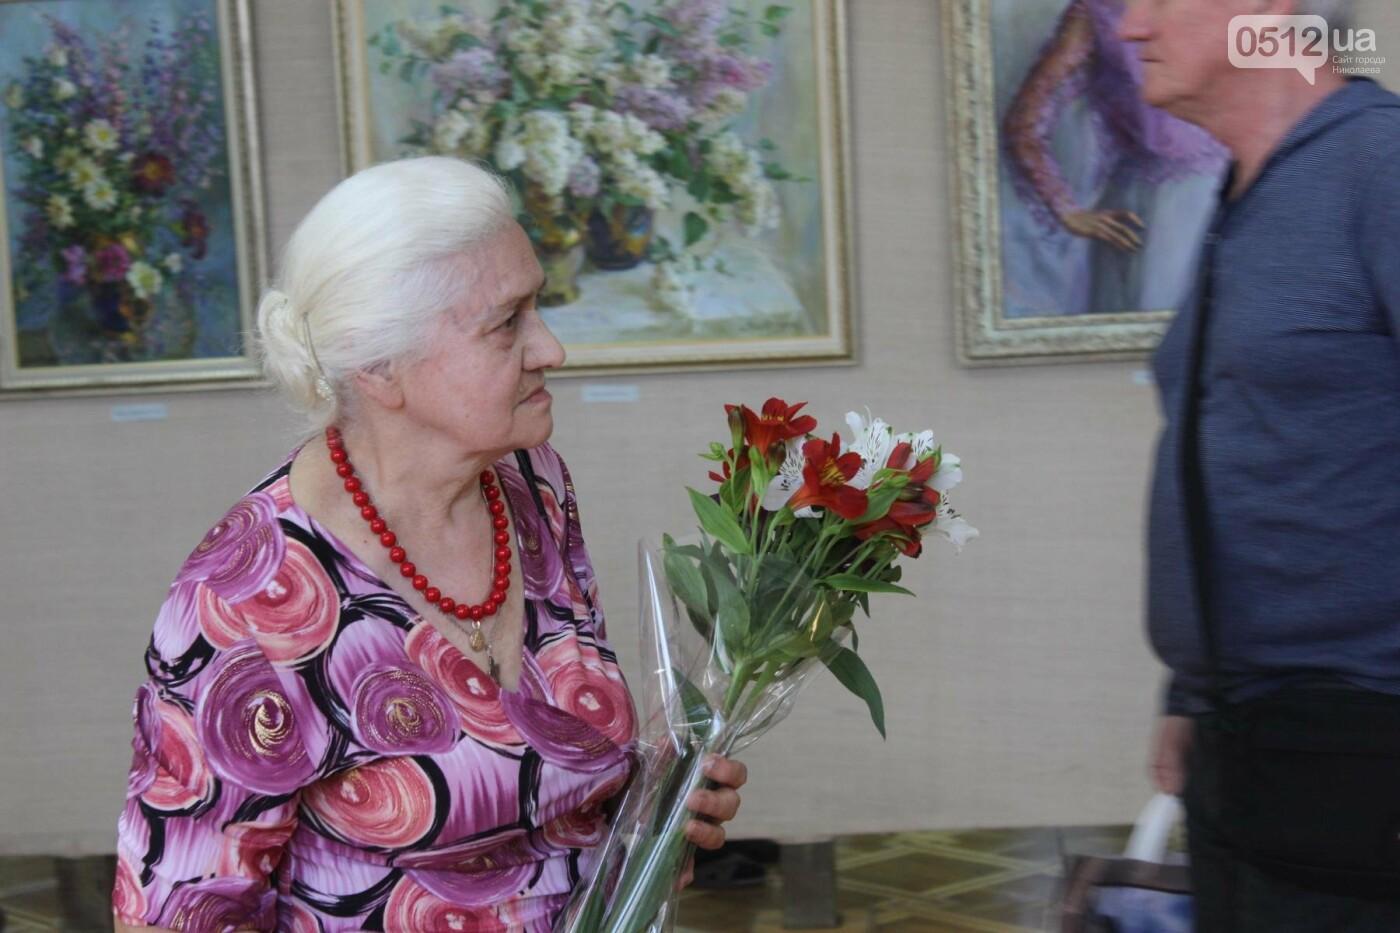 Николаевская художница Светлана Завтура презентовала свою юбилейную выставку, - ФОТО, фото-9